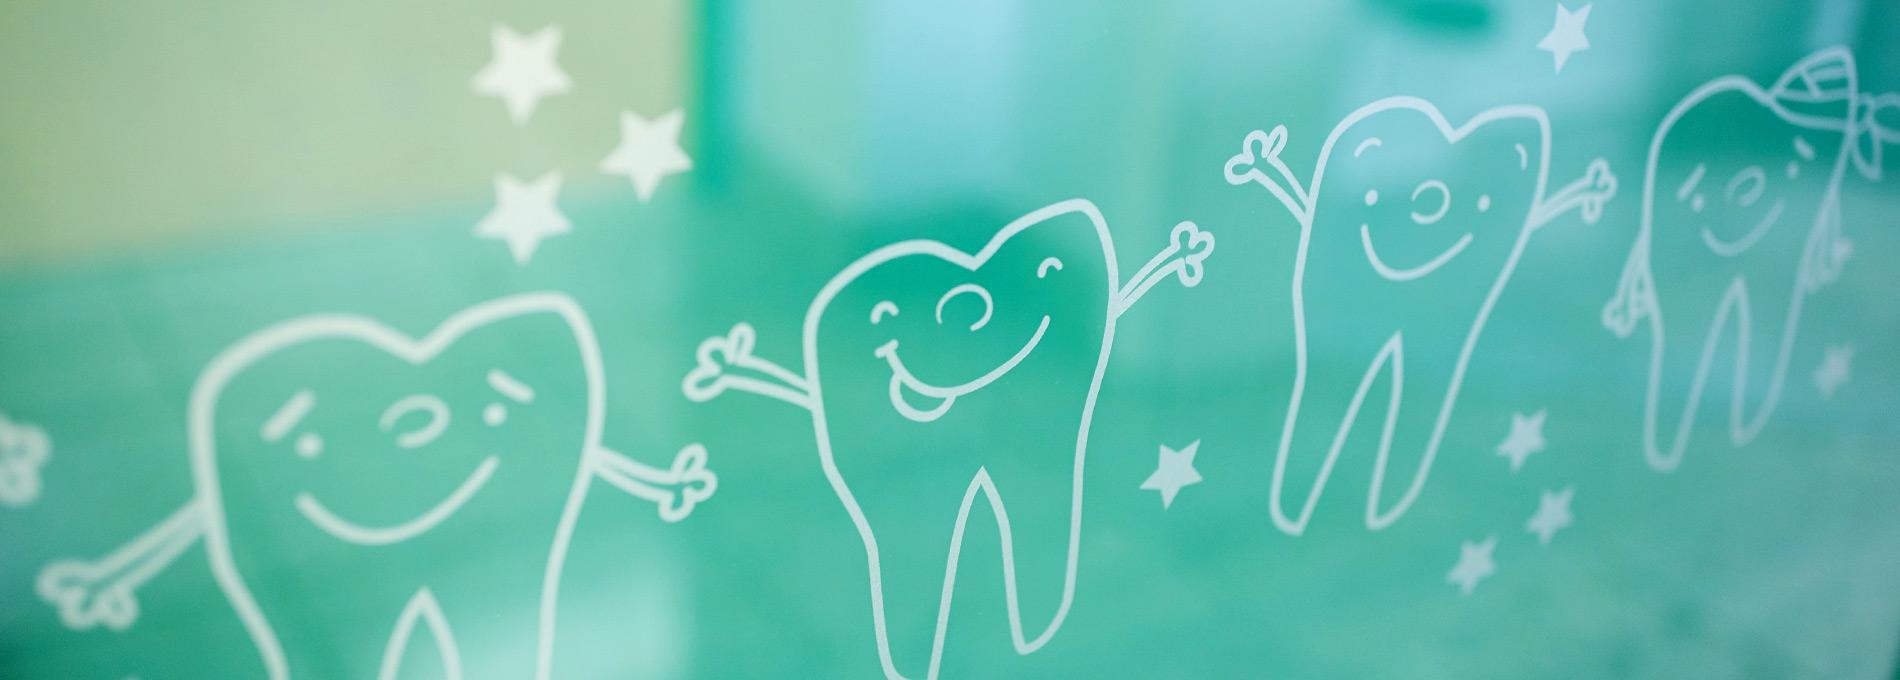 Zahnarztpraxis  Zahnrhein in Walluf - Freie Arztwahl